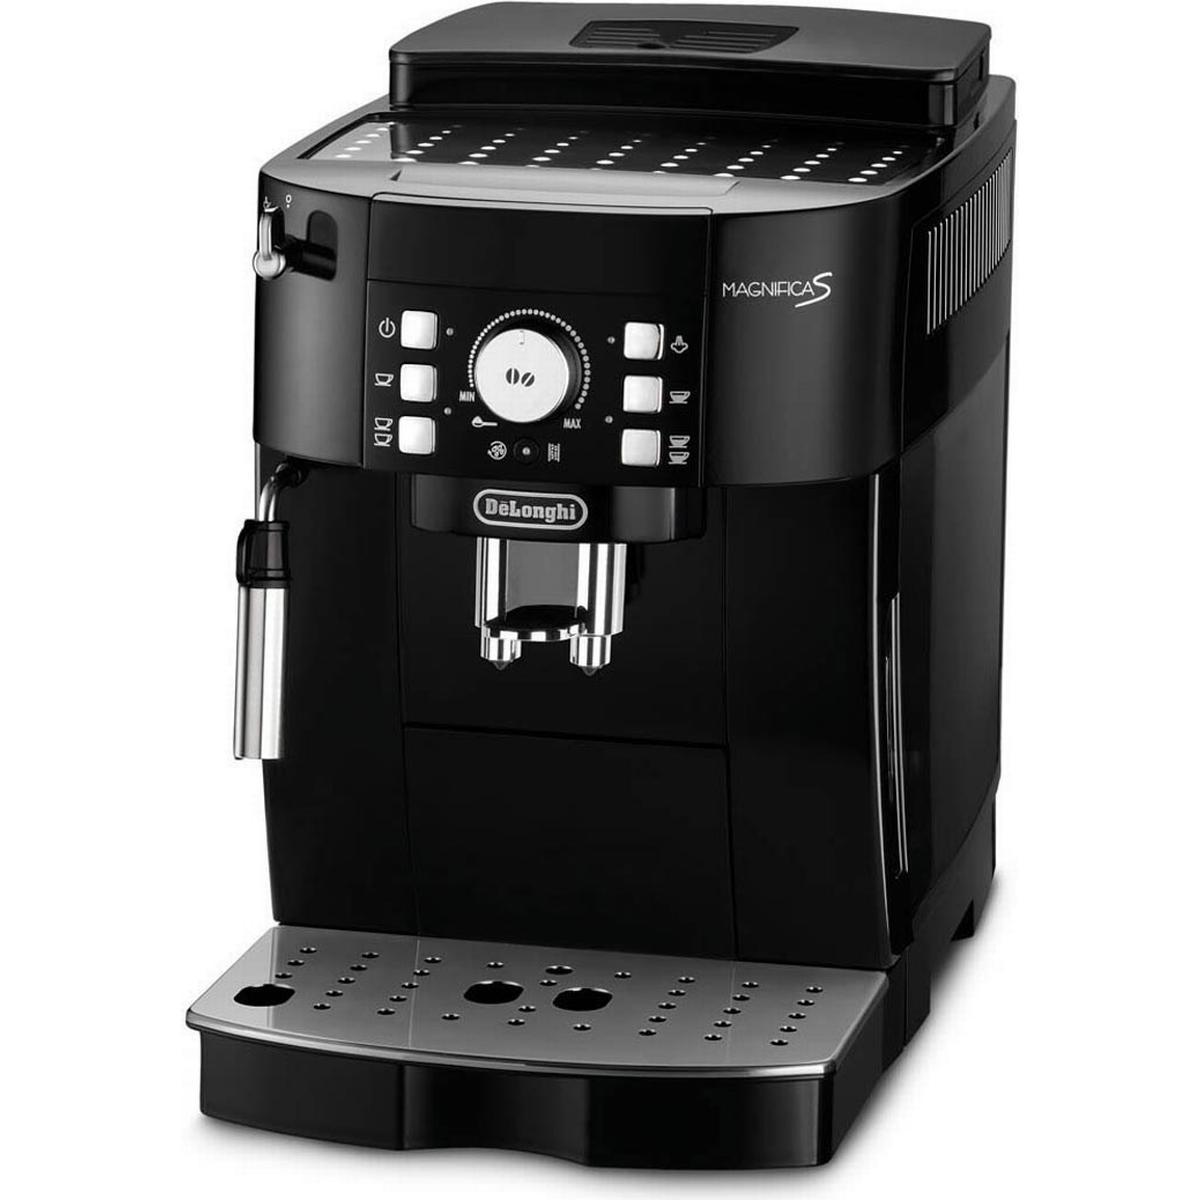 Hypermoderne Kaffemaskine - Sammenlign priser på kaffemaskiner hos PriceRunner FW-73